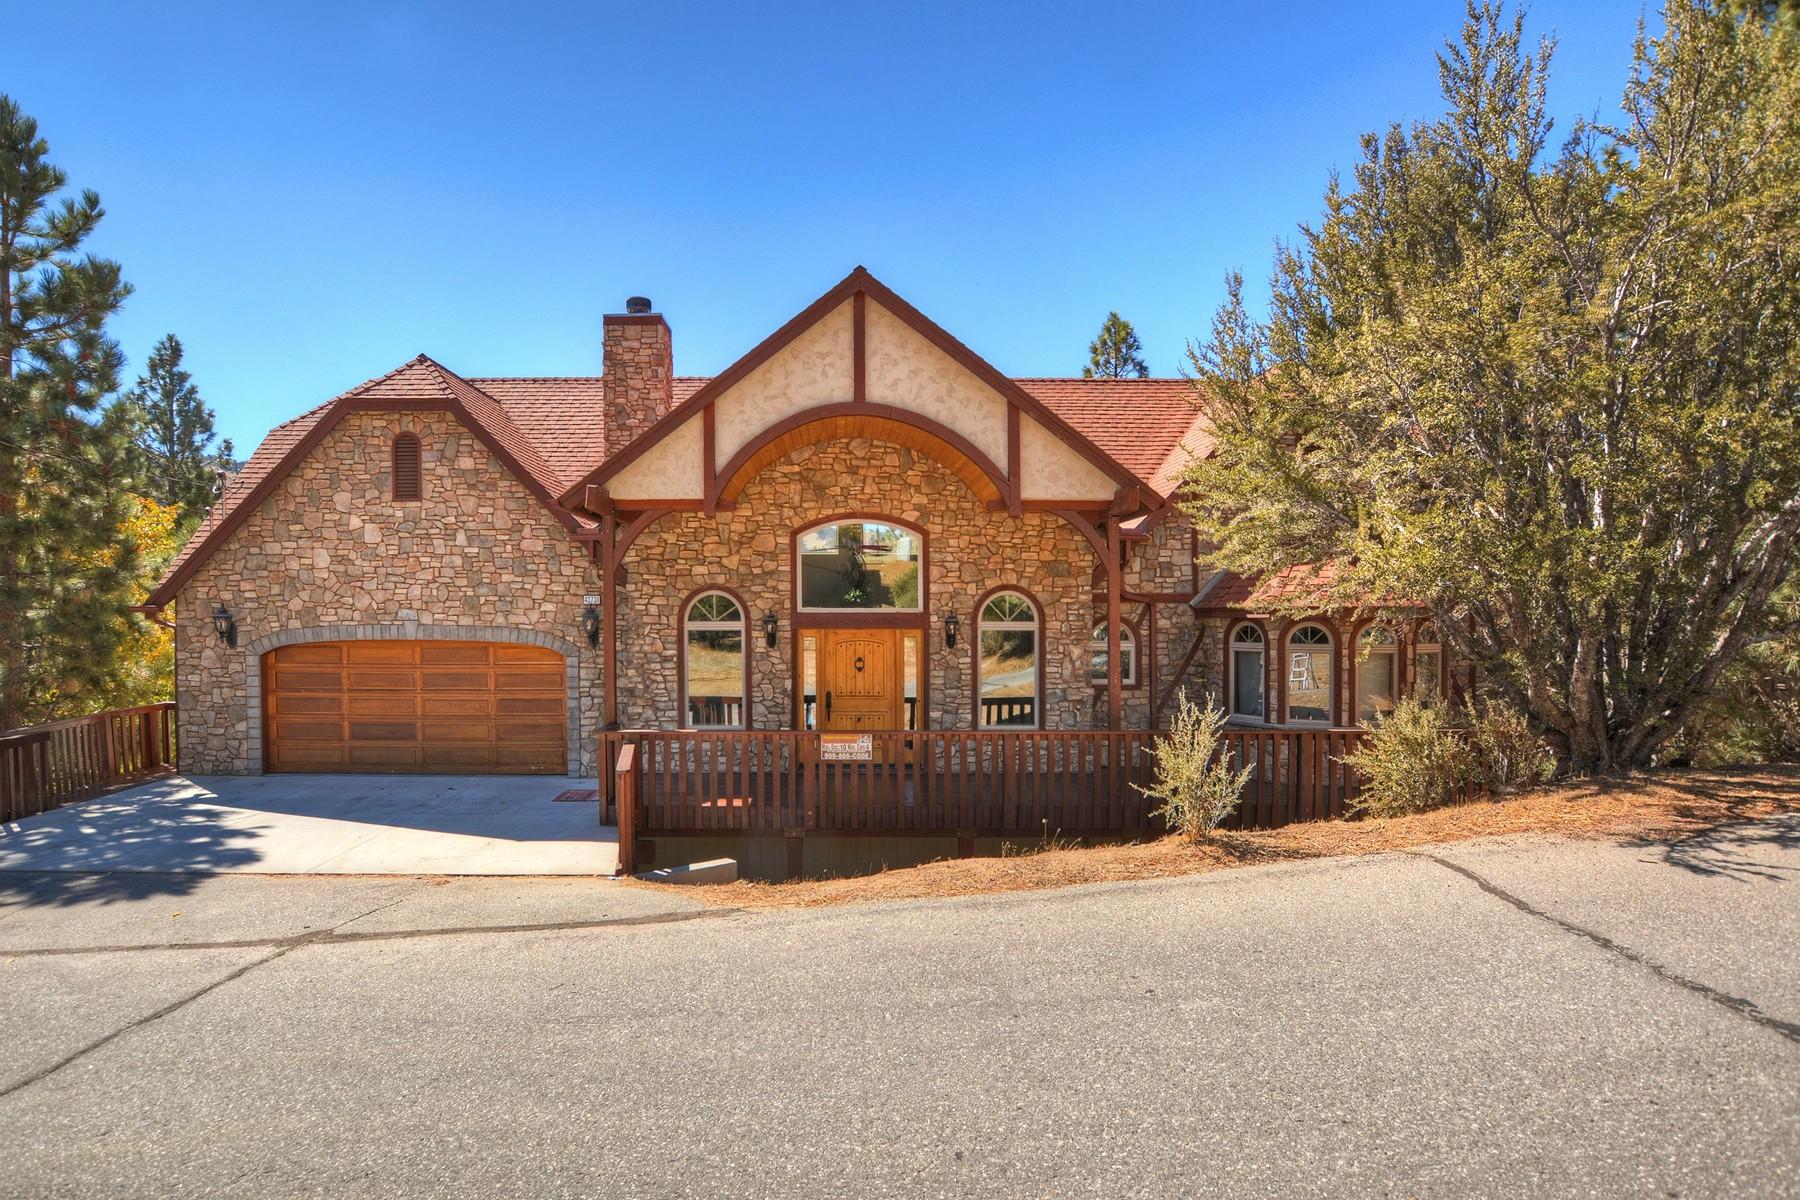 独户住宅 为 销售 在 43731 Canyon Crest, Big Bear Lake Ca. 92315 大熊湖, 加利福尼亚州 92315 美国